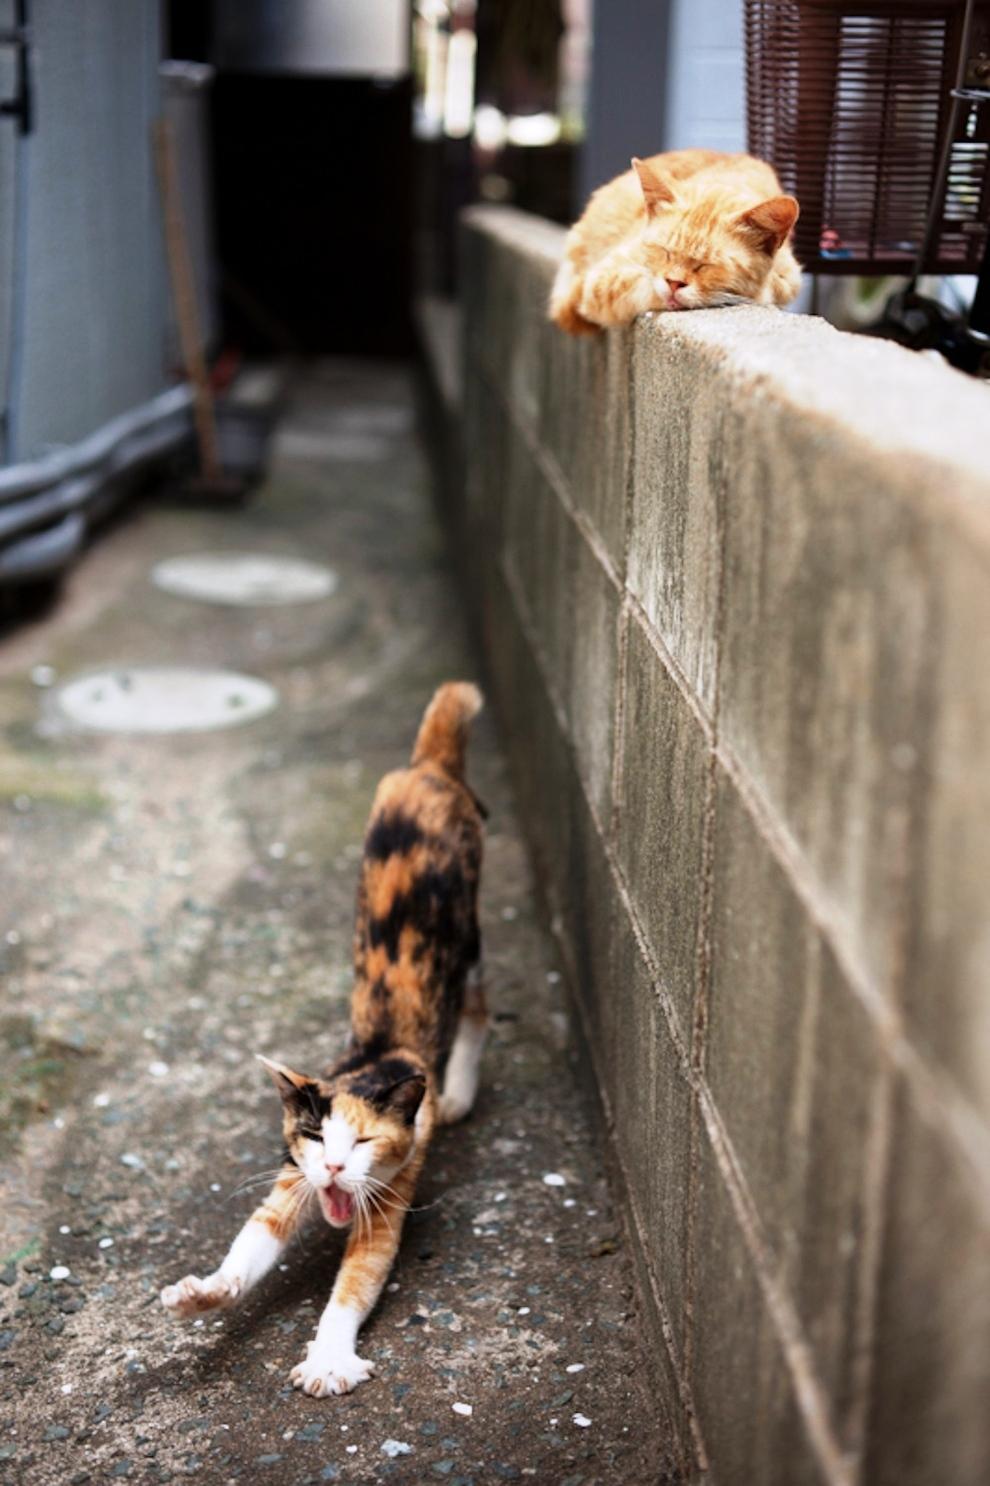 foto foto menakjubkan dari pulau Surga Kucing di Jepang - Foto Kucing di Fukuoka Jepang 05